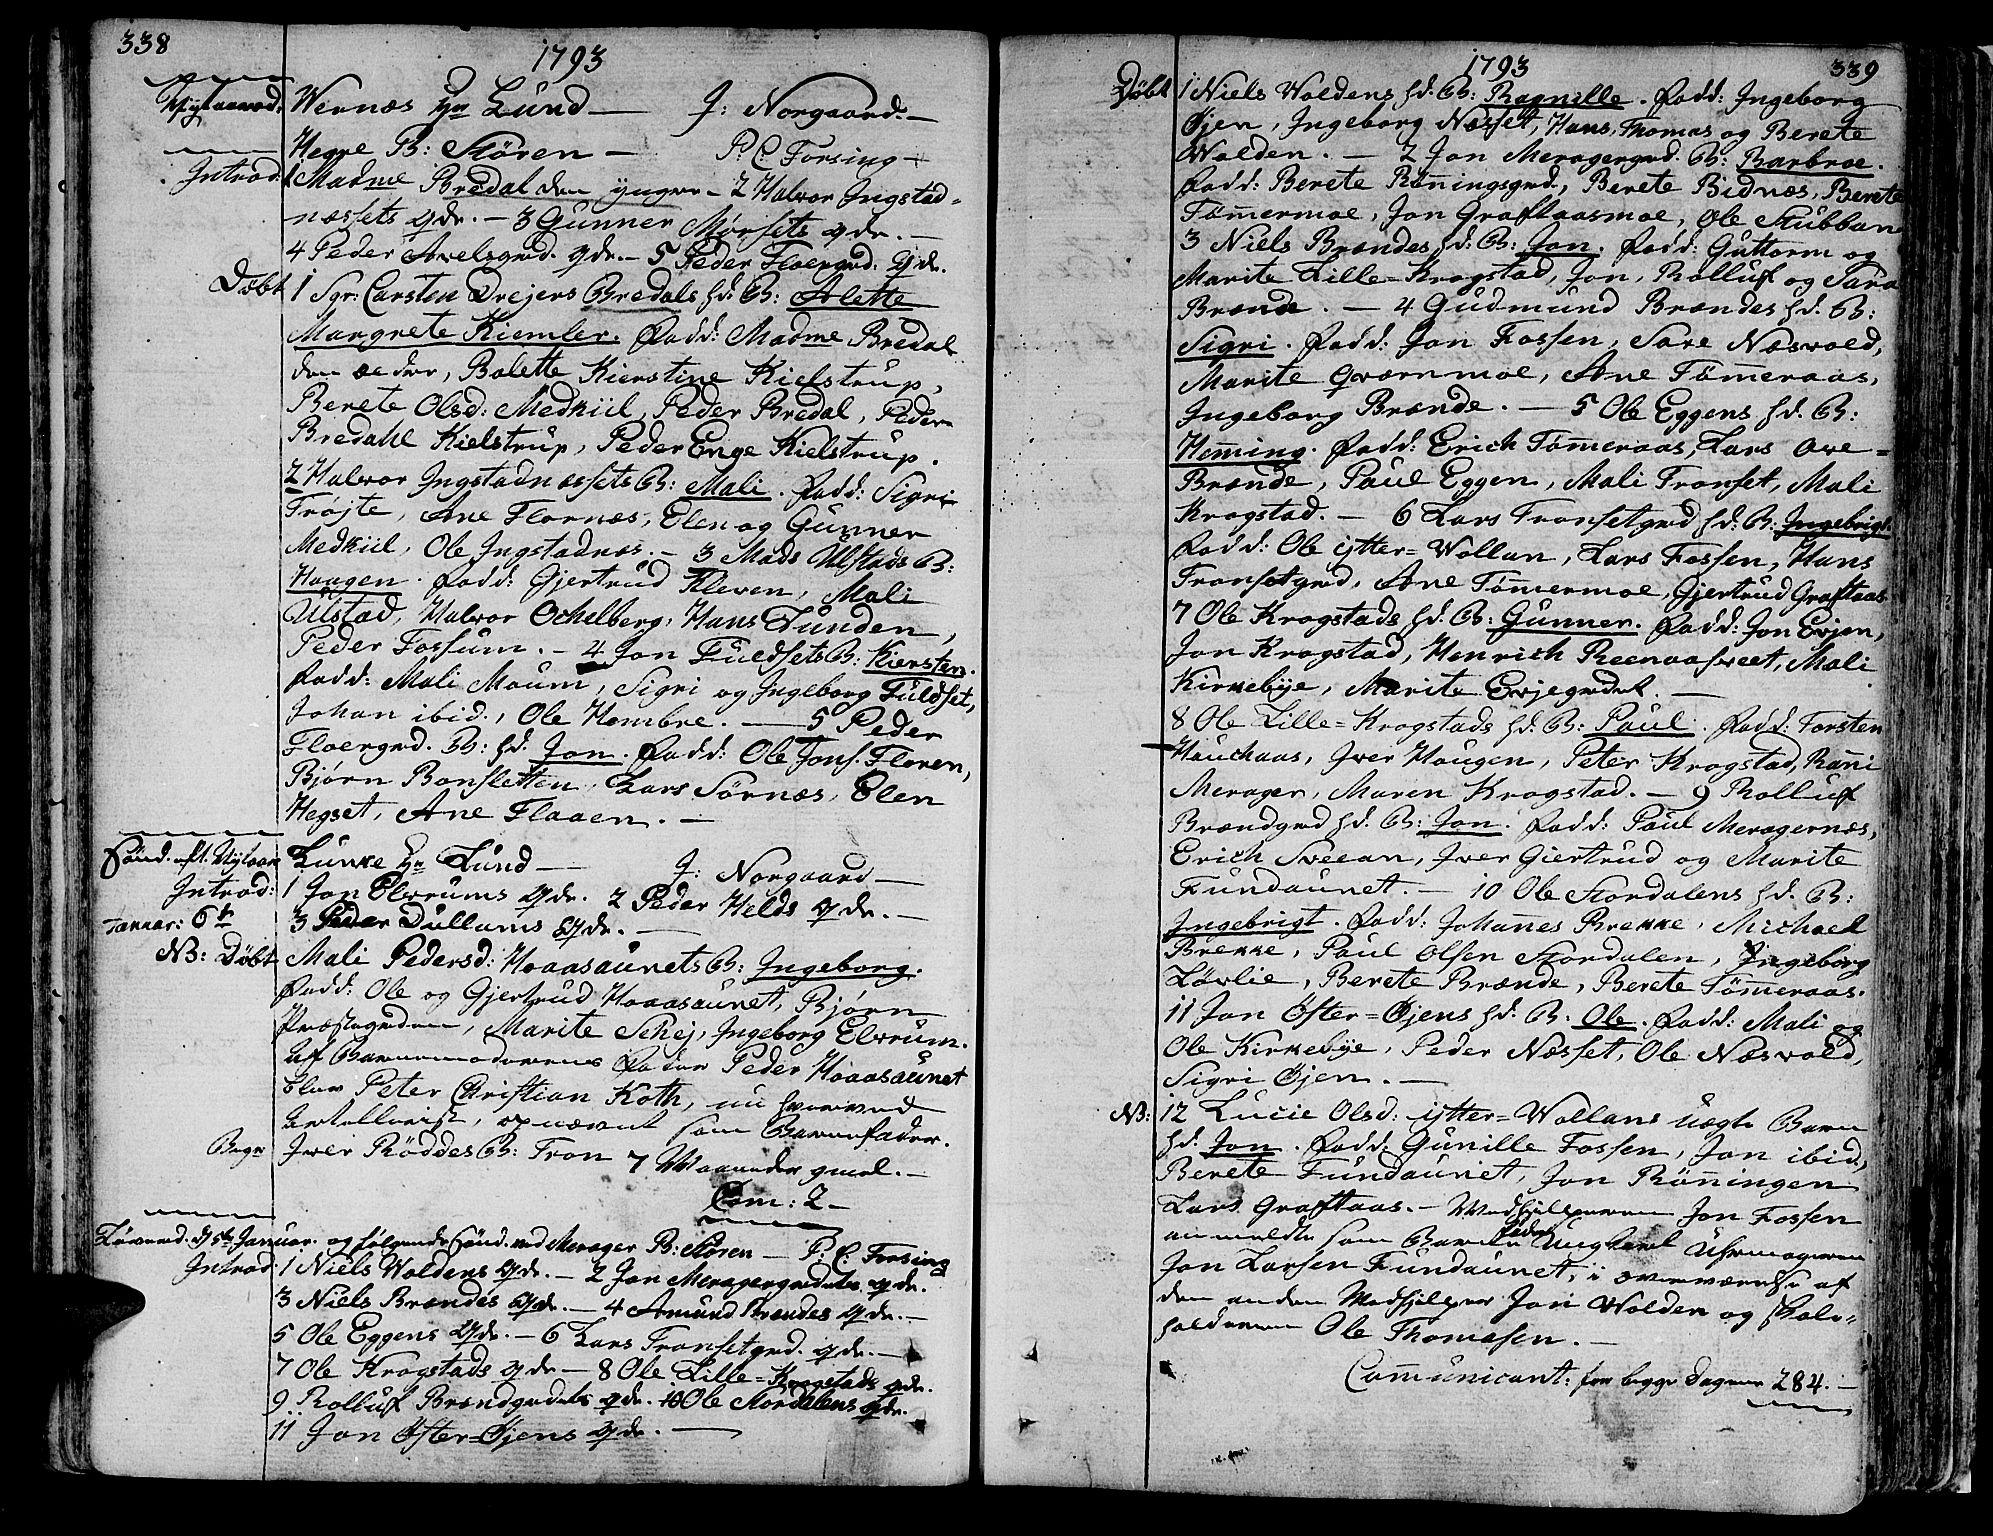 SAT, Ministerialprotokoller, klokkerbøker og fødselsregistre - Nord-Trøndelag, 709/L0059: Ministerialbok nr. 709A06, 1781-1797, s. 338-339